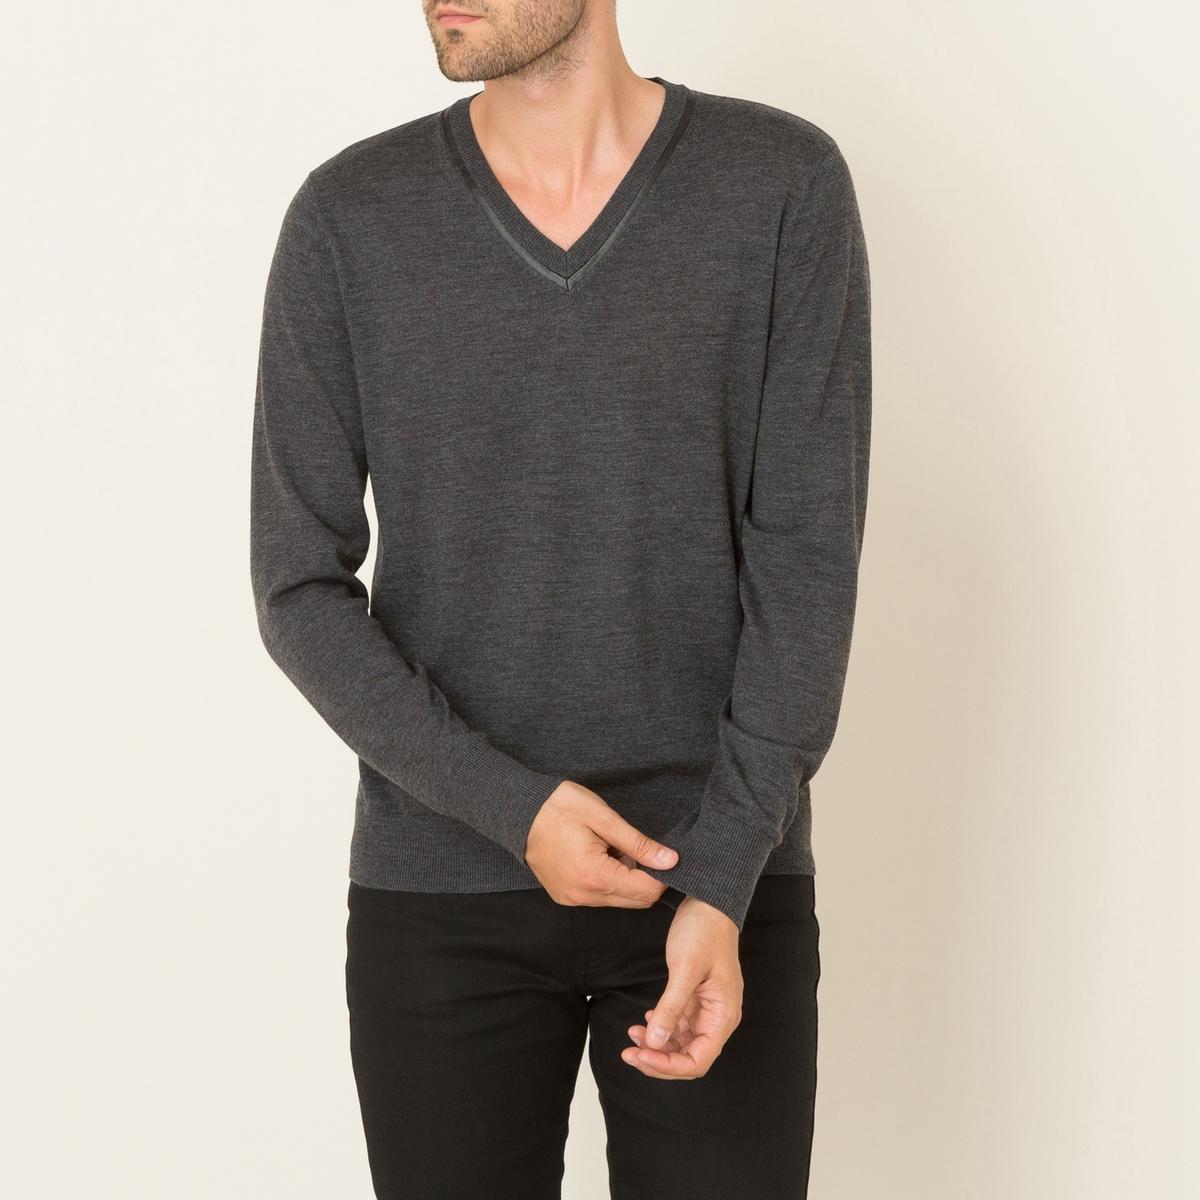 Пуловер из шерсти и кожиСостав и описание Материал : 100% мериносовой шерстиДетали 100% кожа ягненкаМарка : THE KOOPLES<br><br>Цвет: серый